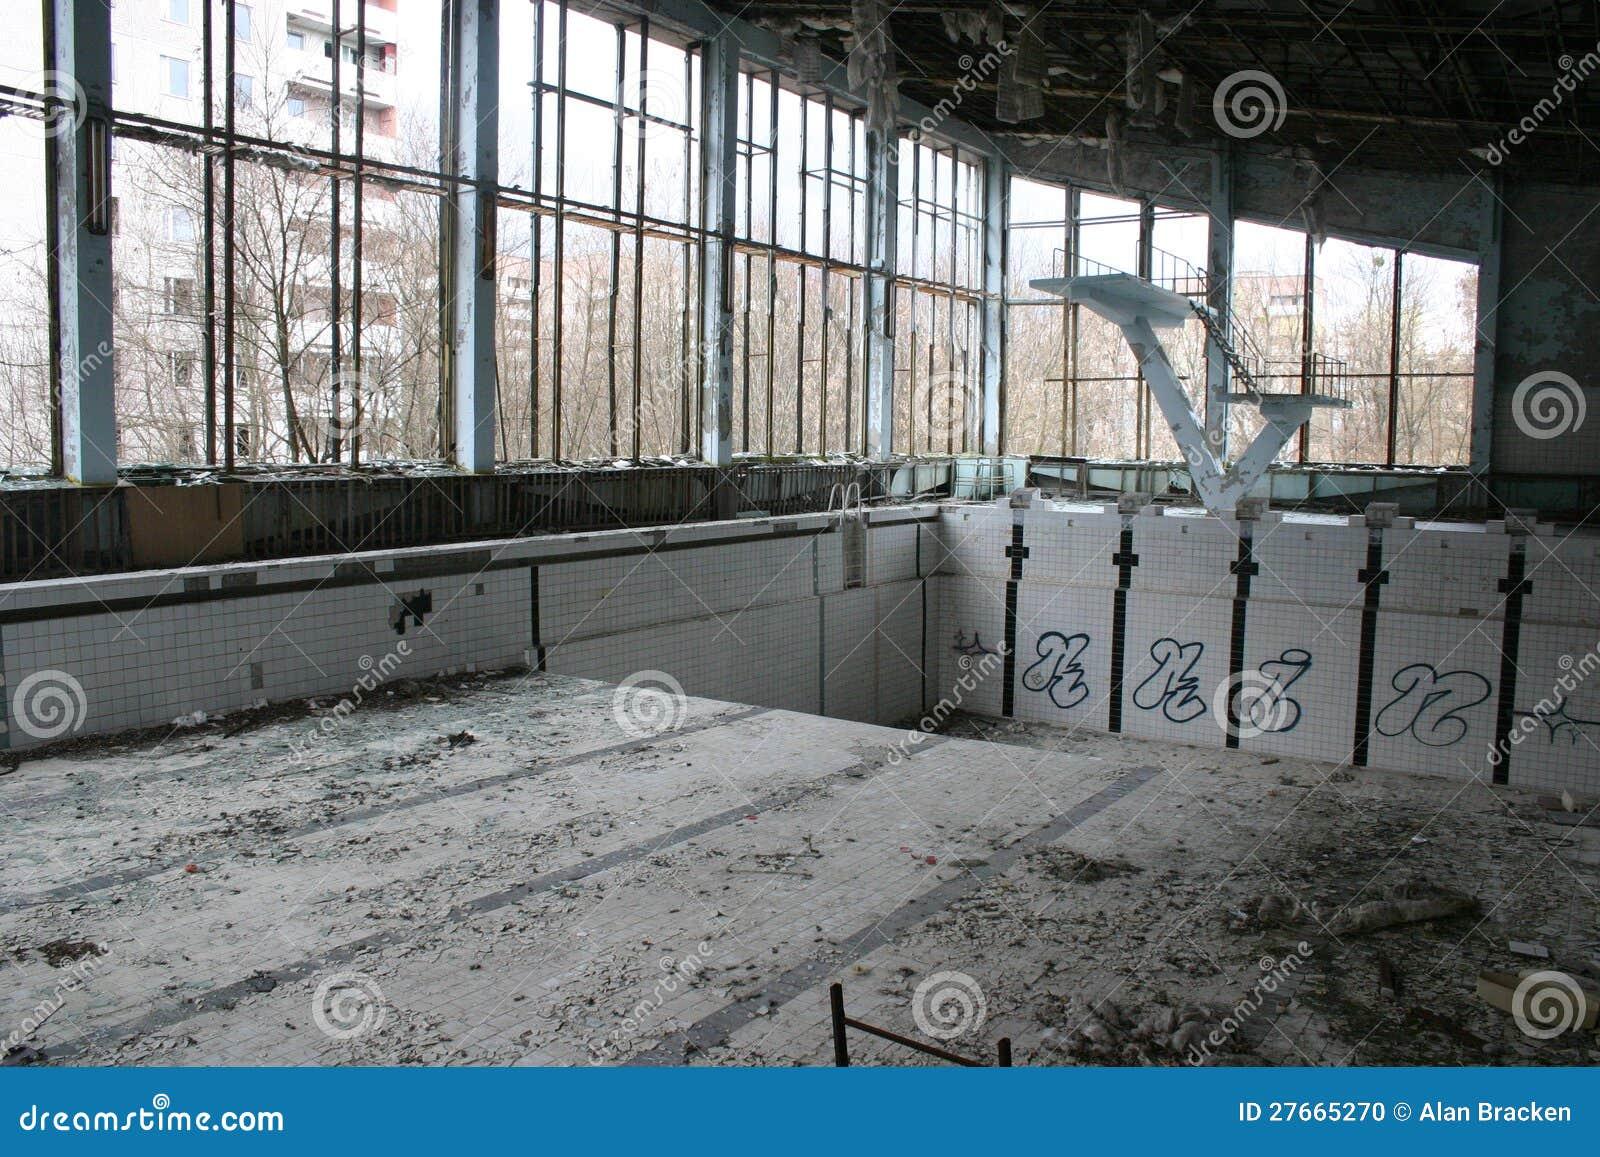 Piscine abandonn e pripyat chernobyl photo stock image for Piscine abandonnee